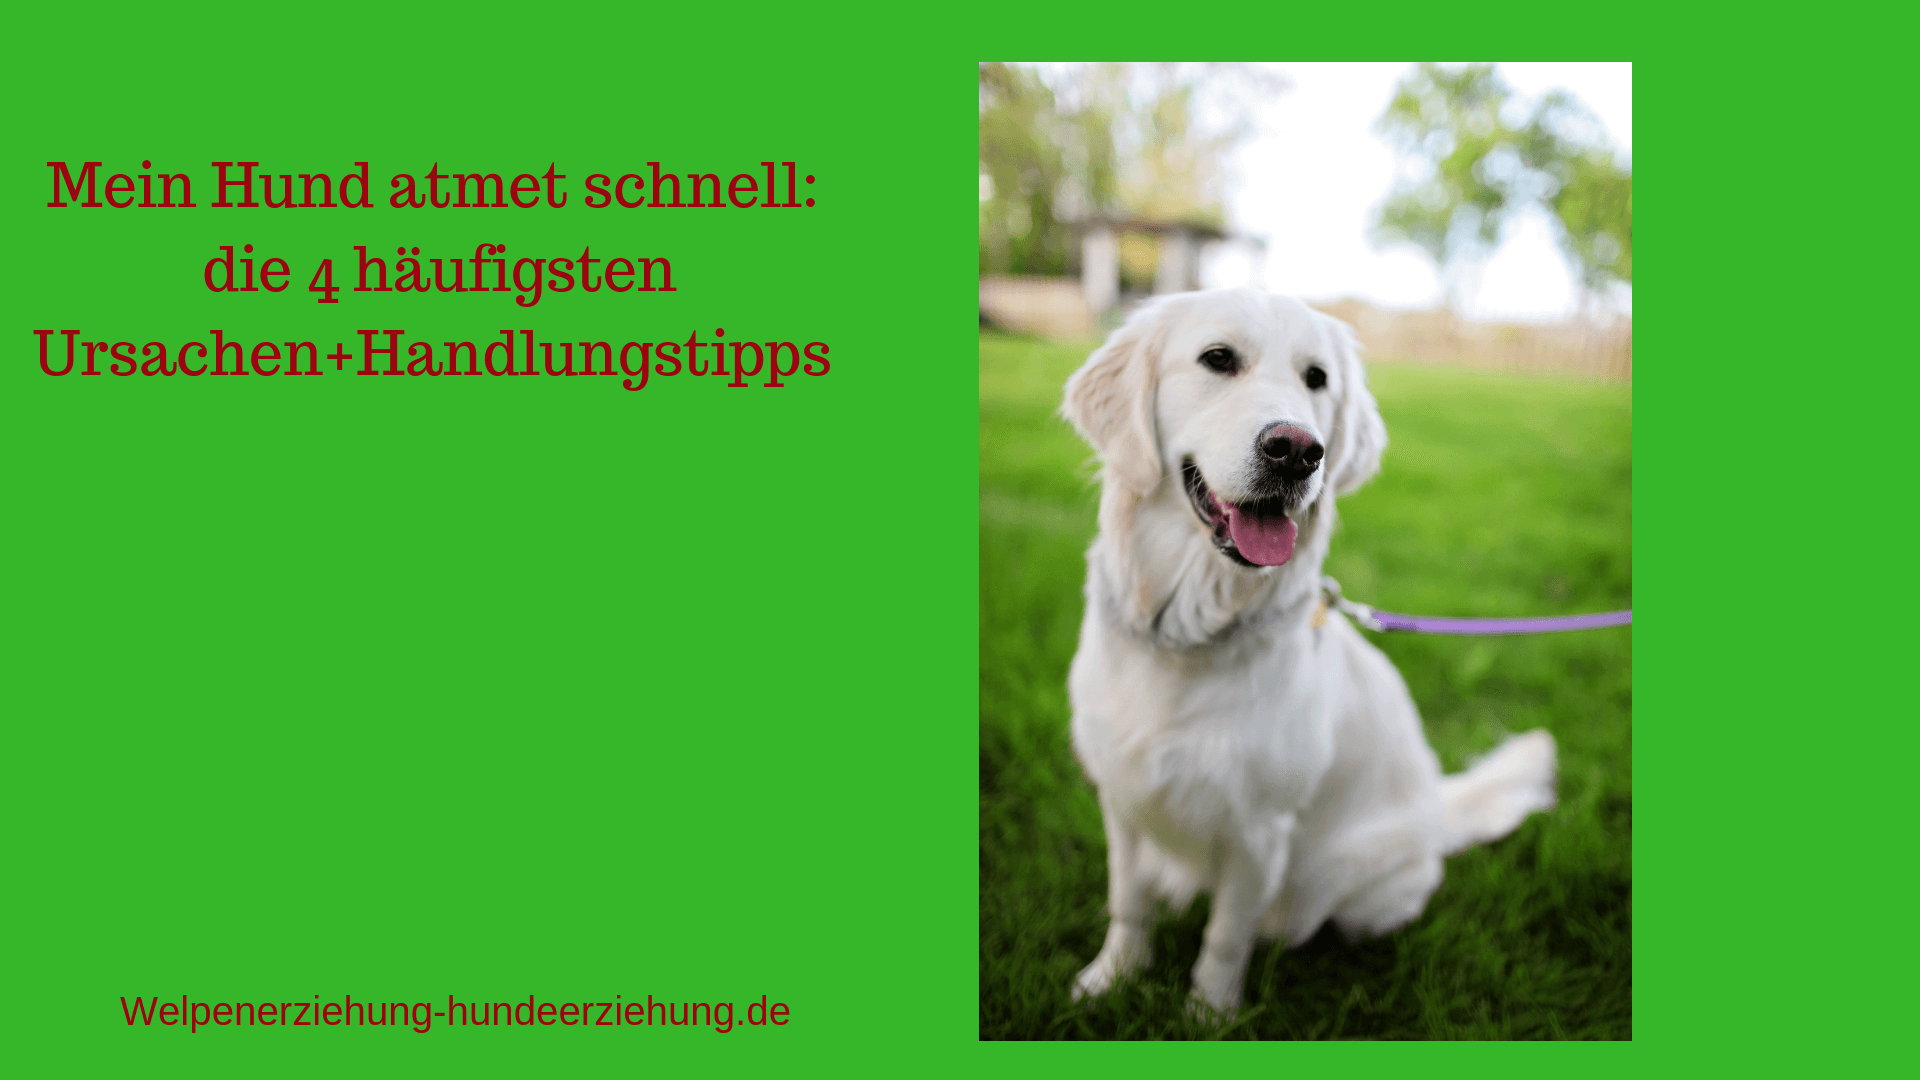 hund atmet schnell bild